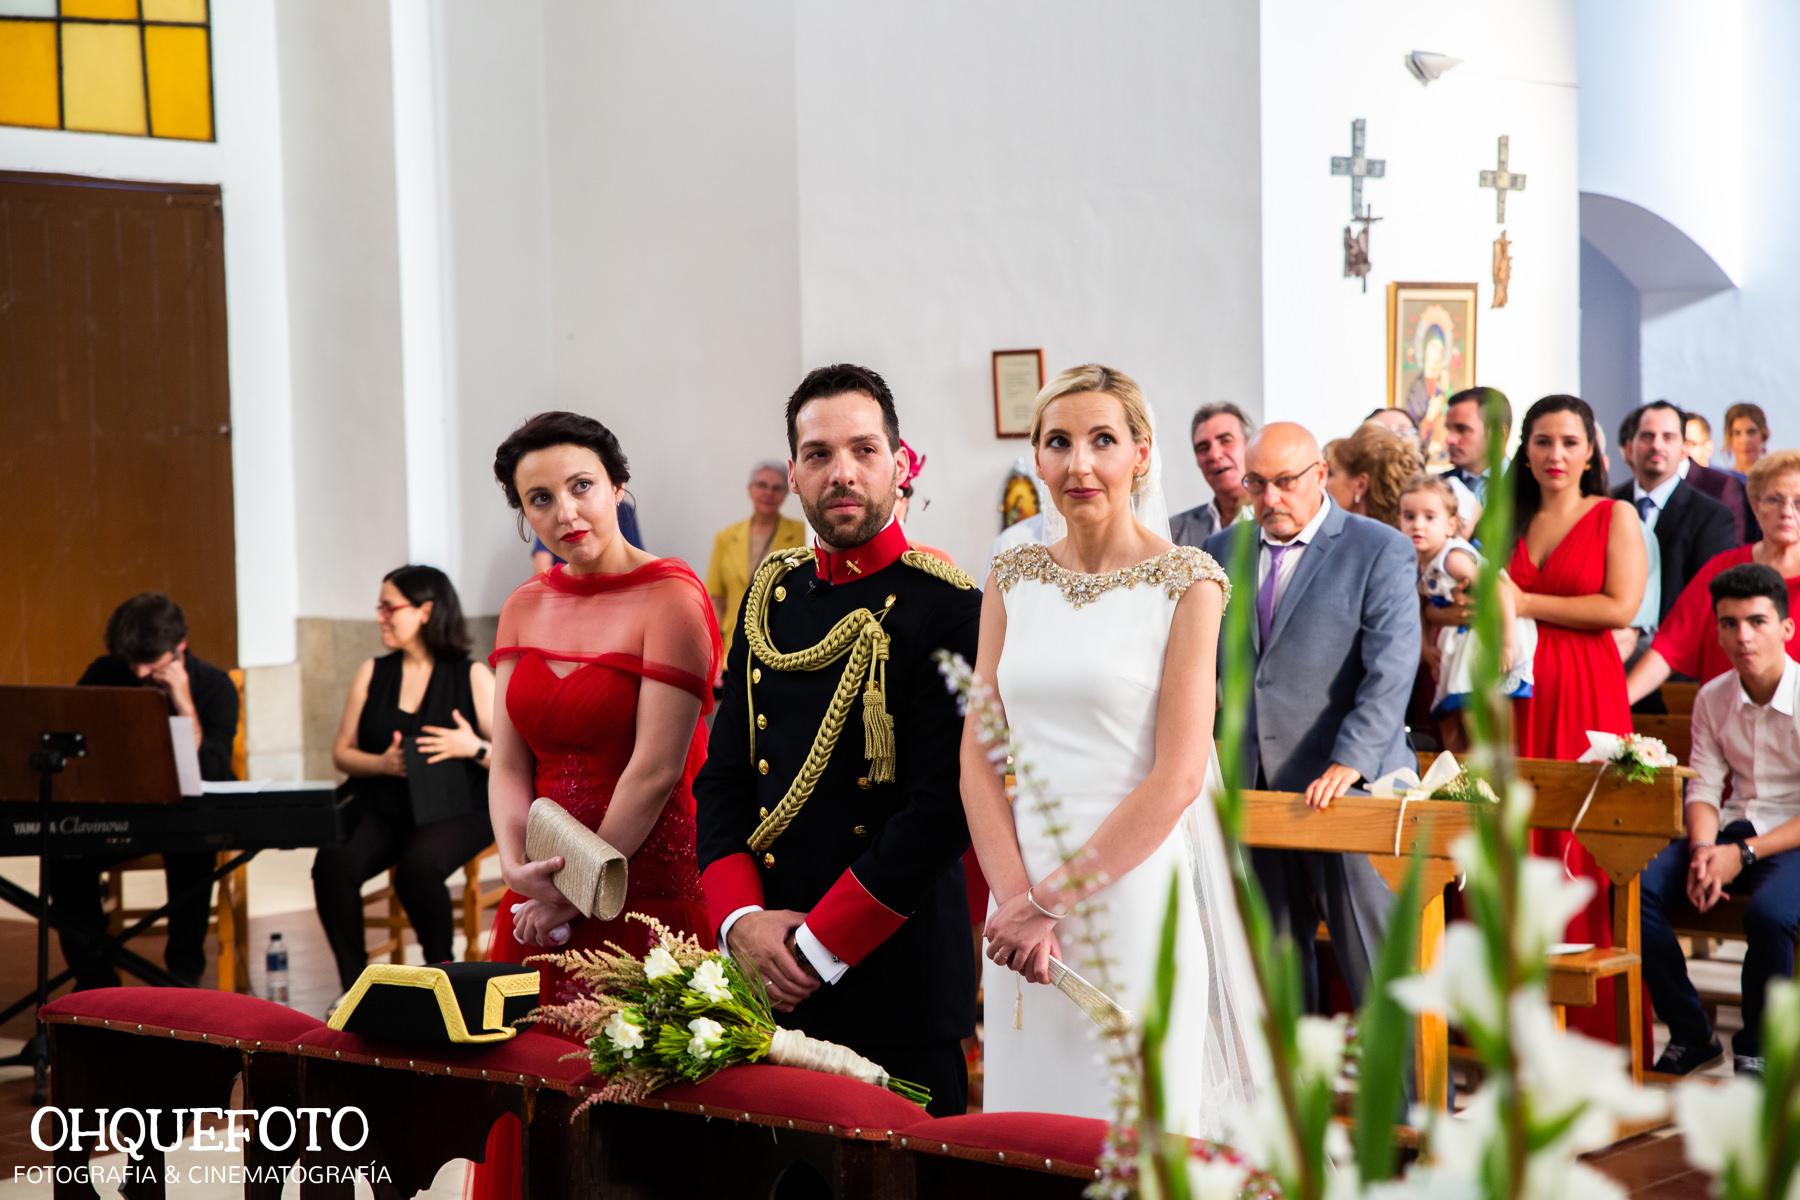 boda en la peraleda boda en cabeza del buey boda en capilla reportaje de bodas en almaden video de bodas en cordoba458 - Jose y Gema - Boda en Zarza Capilla y la Finca La Peraleda (Chillón)